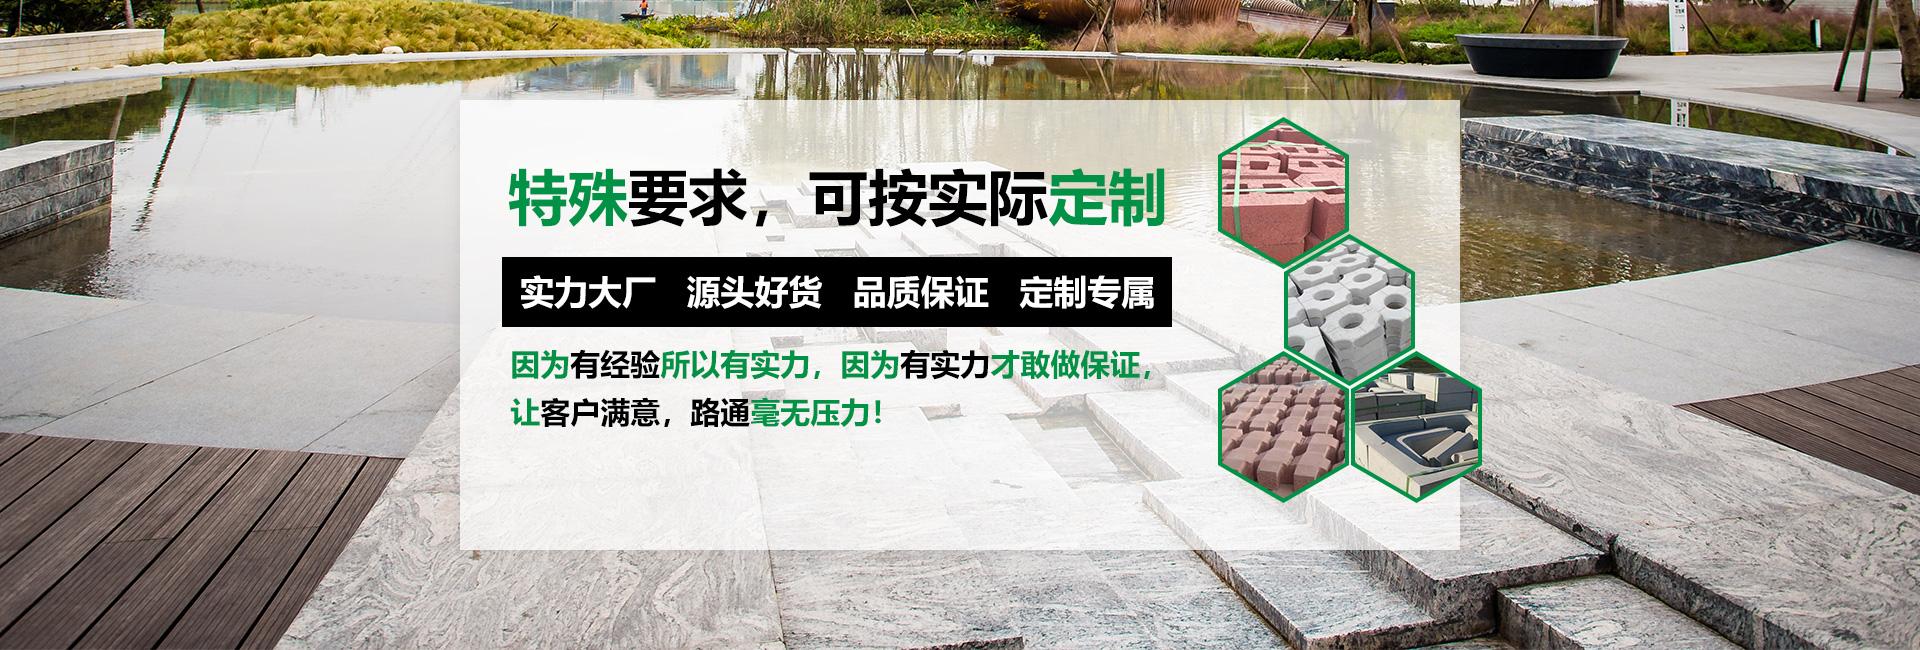 郑州路边石,路边石厂家,郑州路沿石,郑州路通预制品有限公司